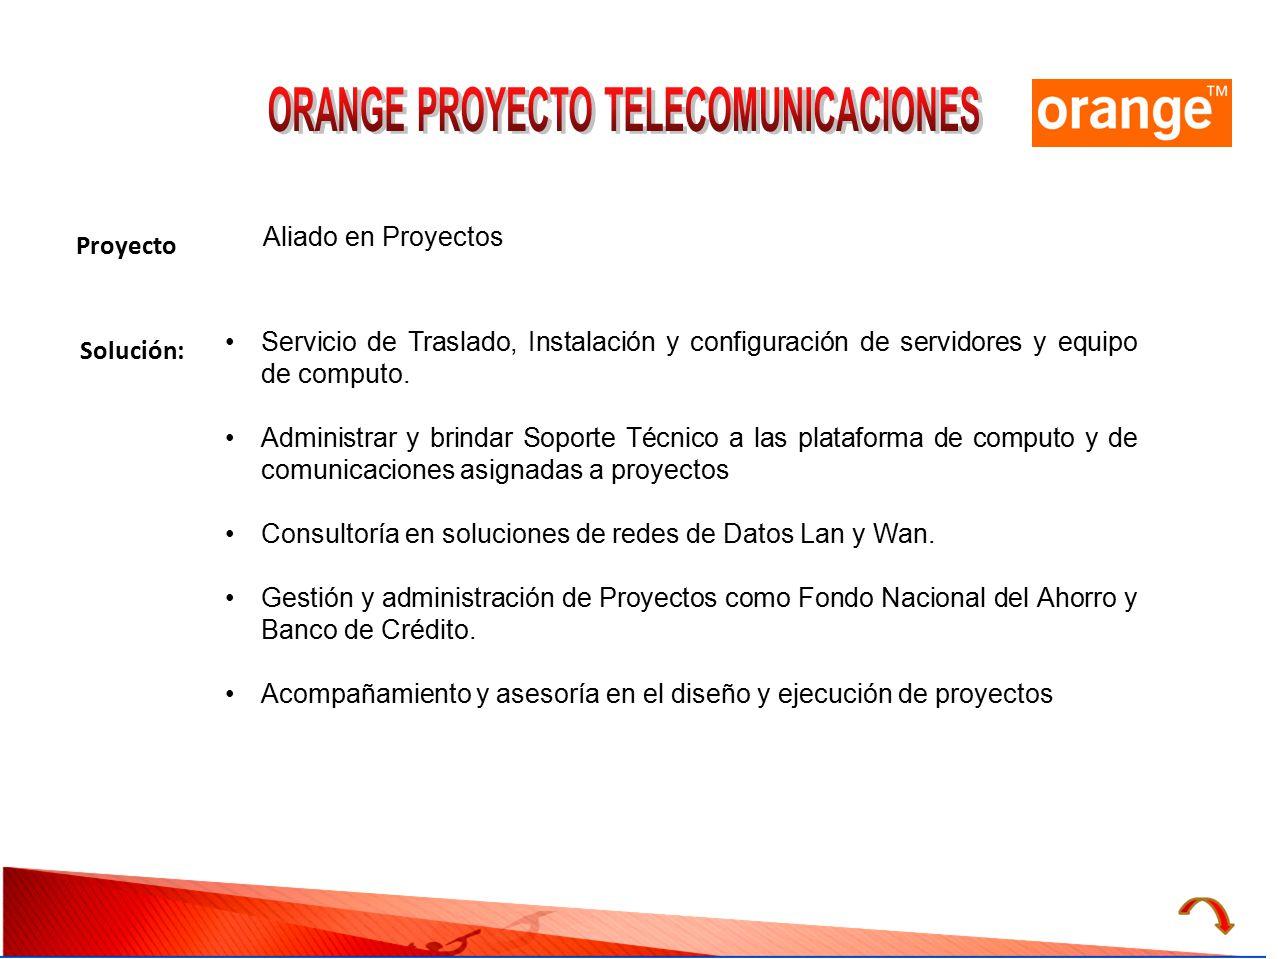 ORANGE PROYECTO TELECOMUNICACIONES